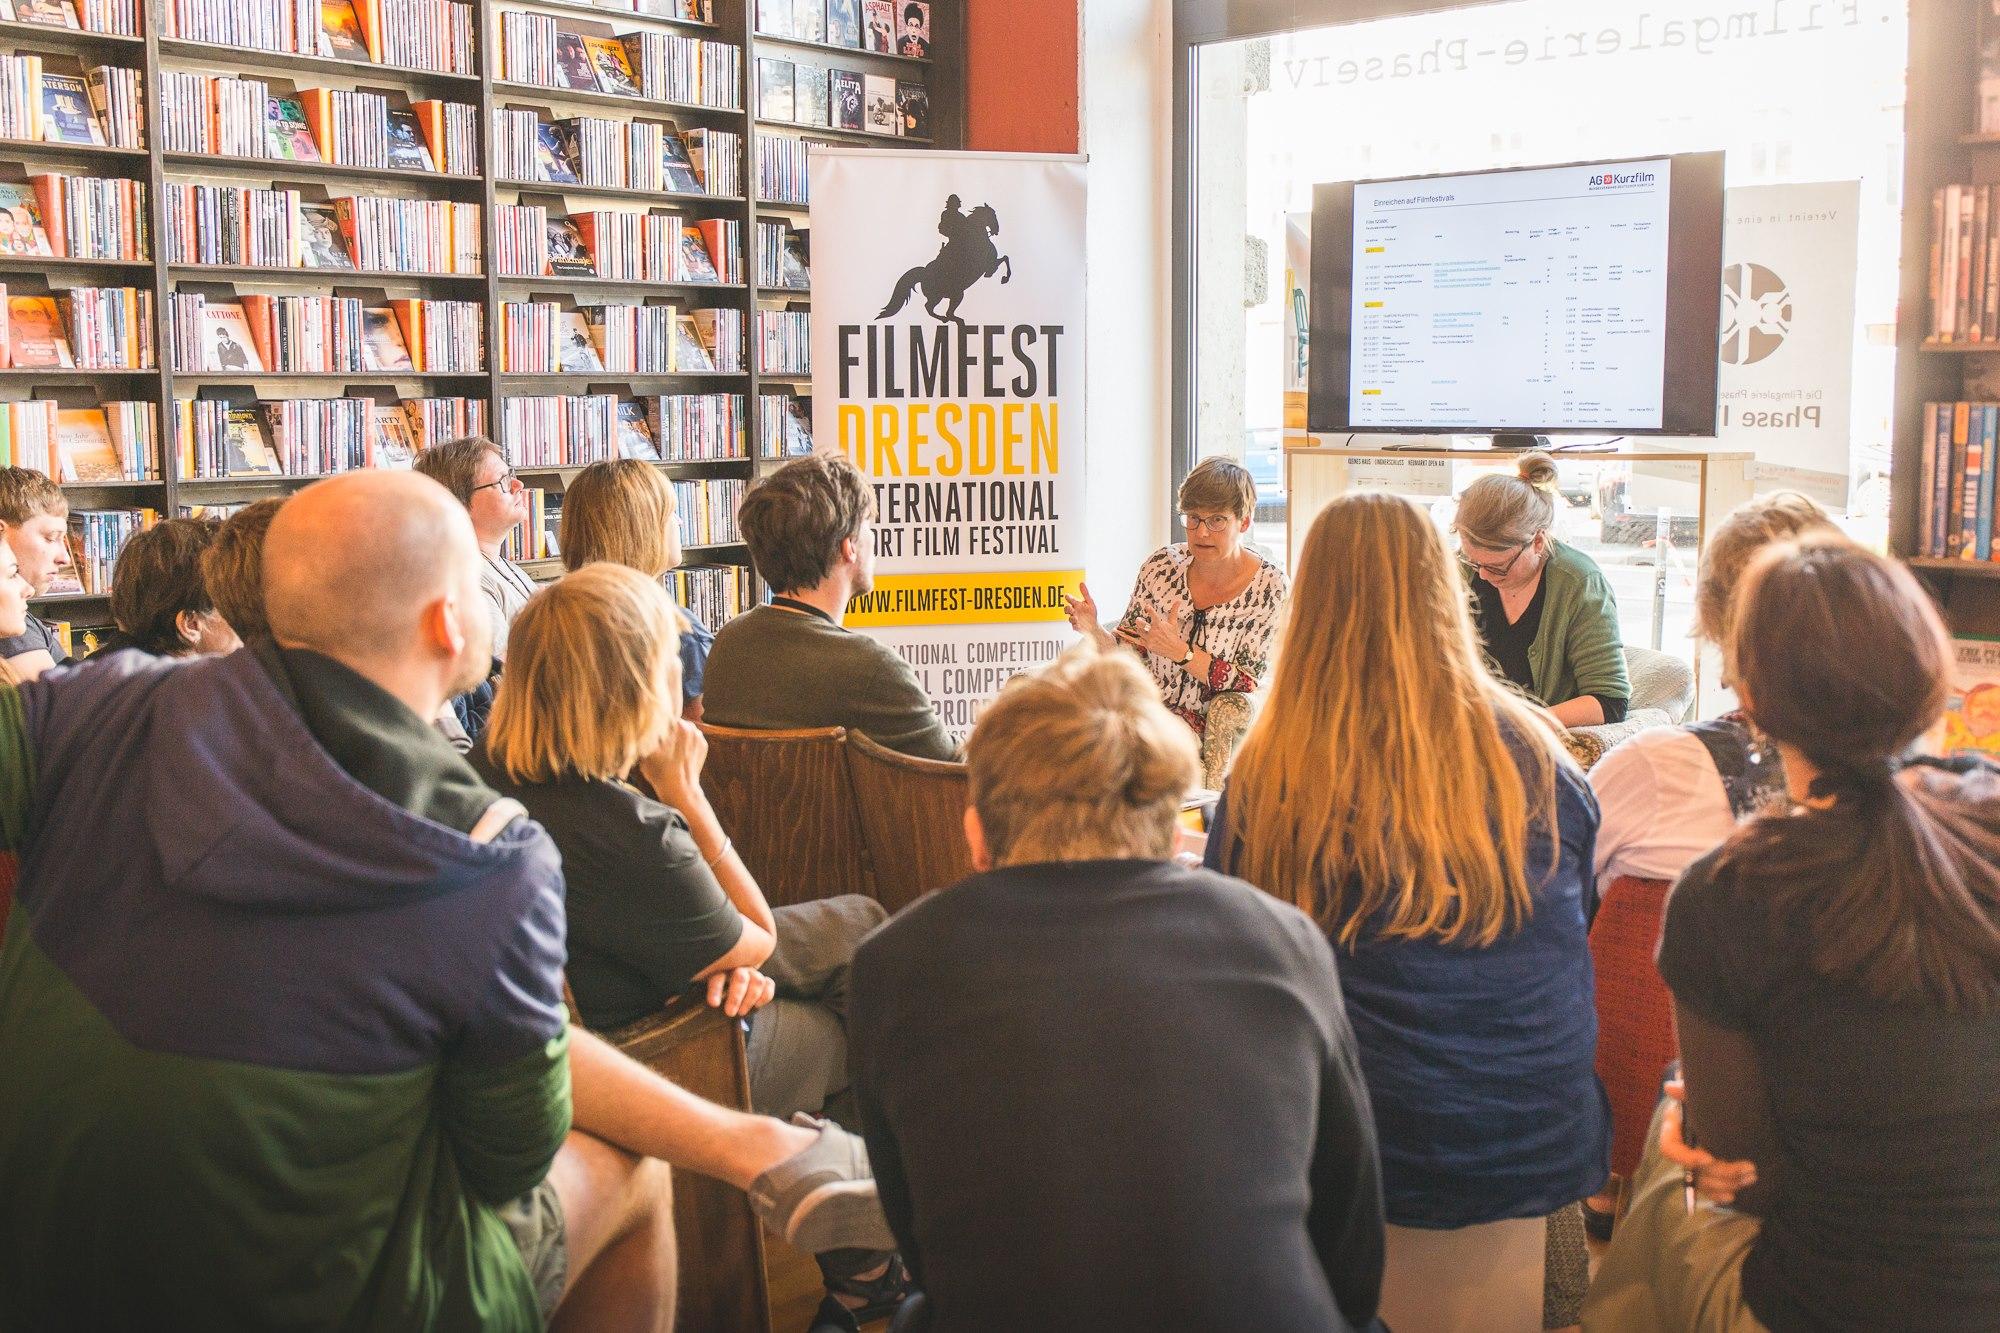 (c) Filmfest Dresden